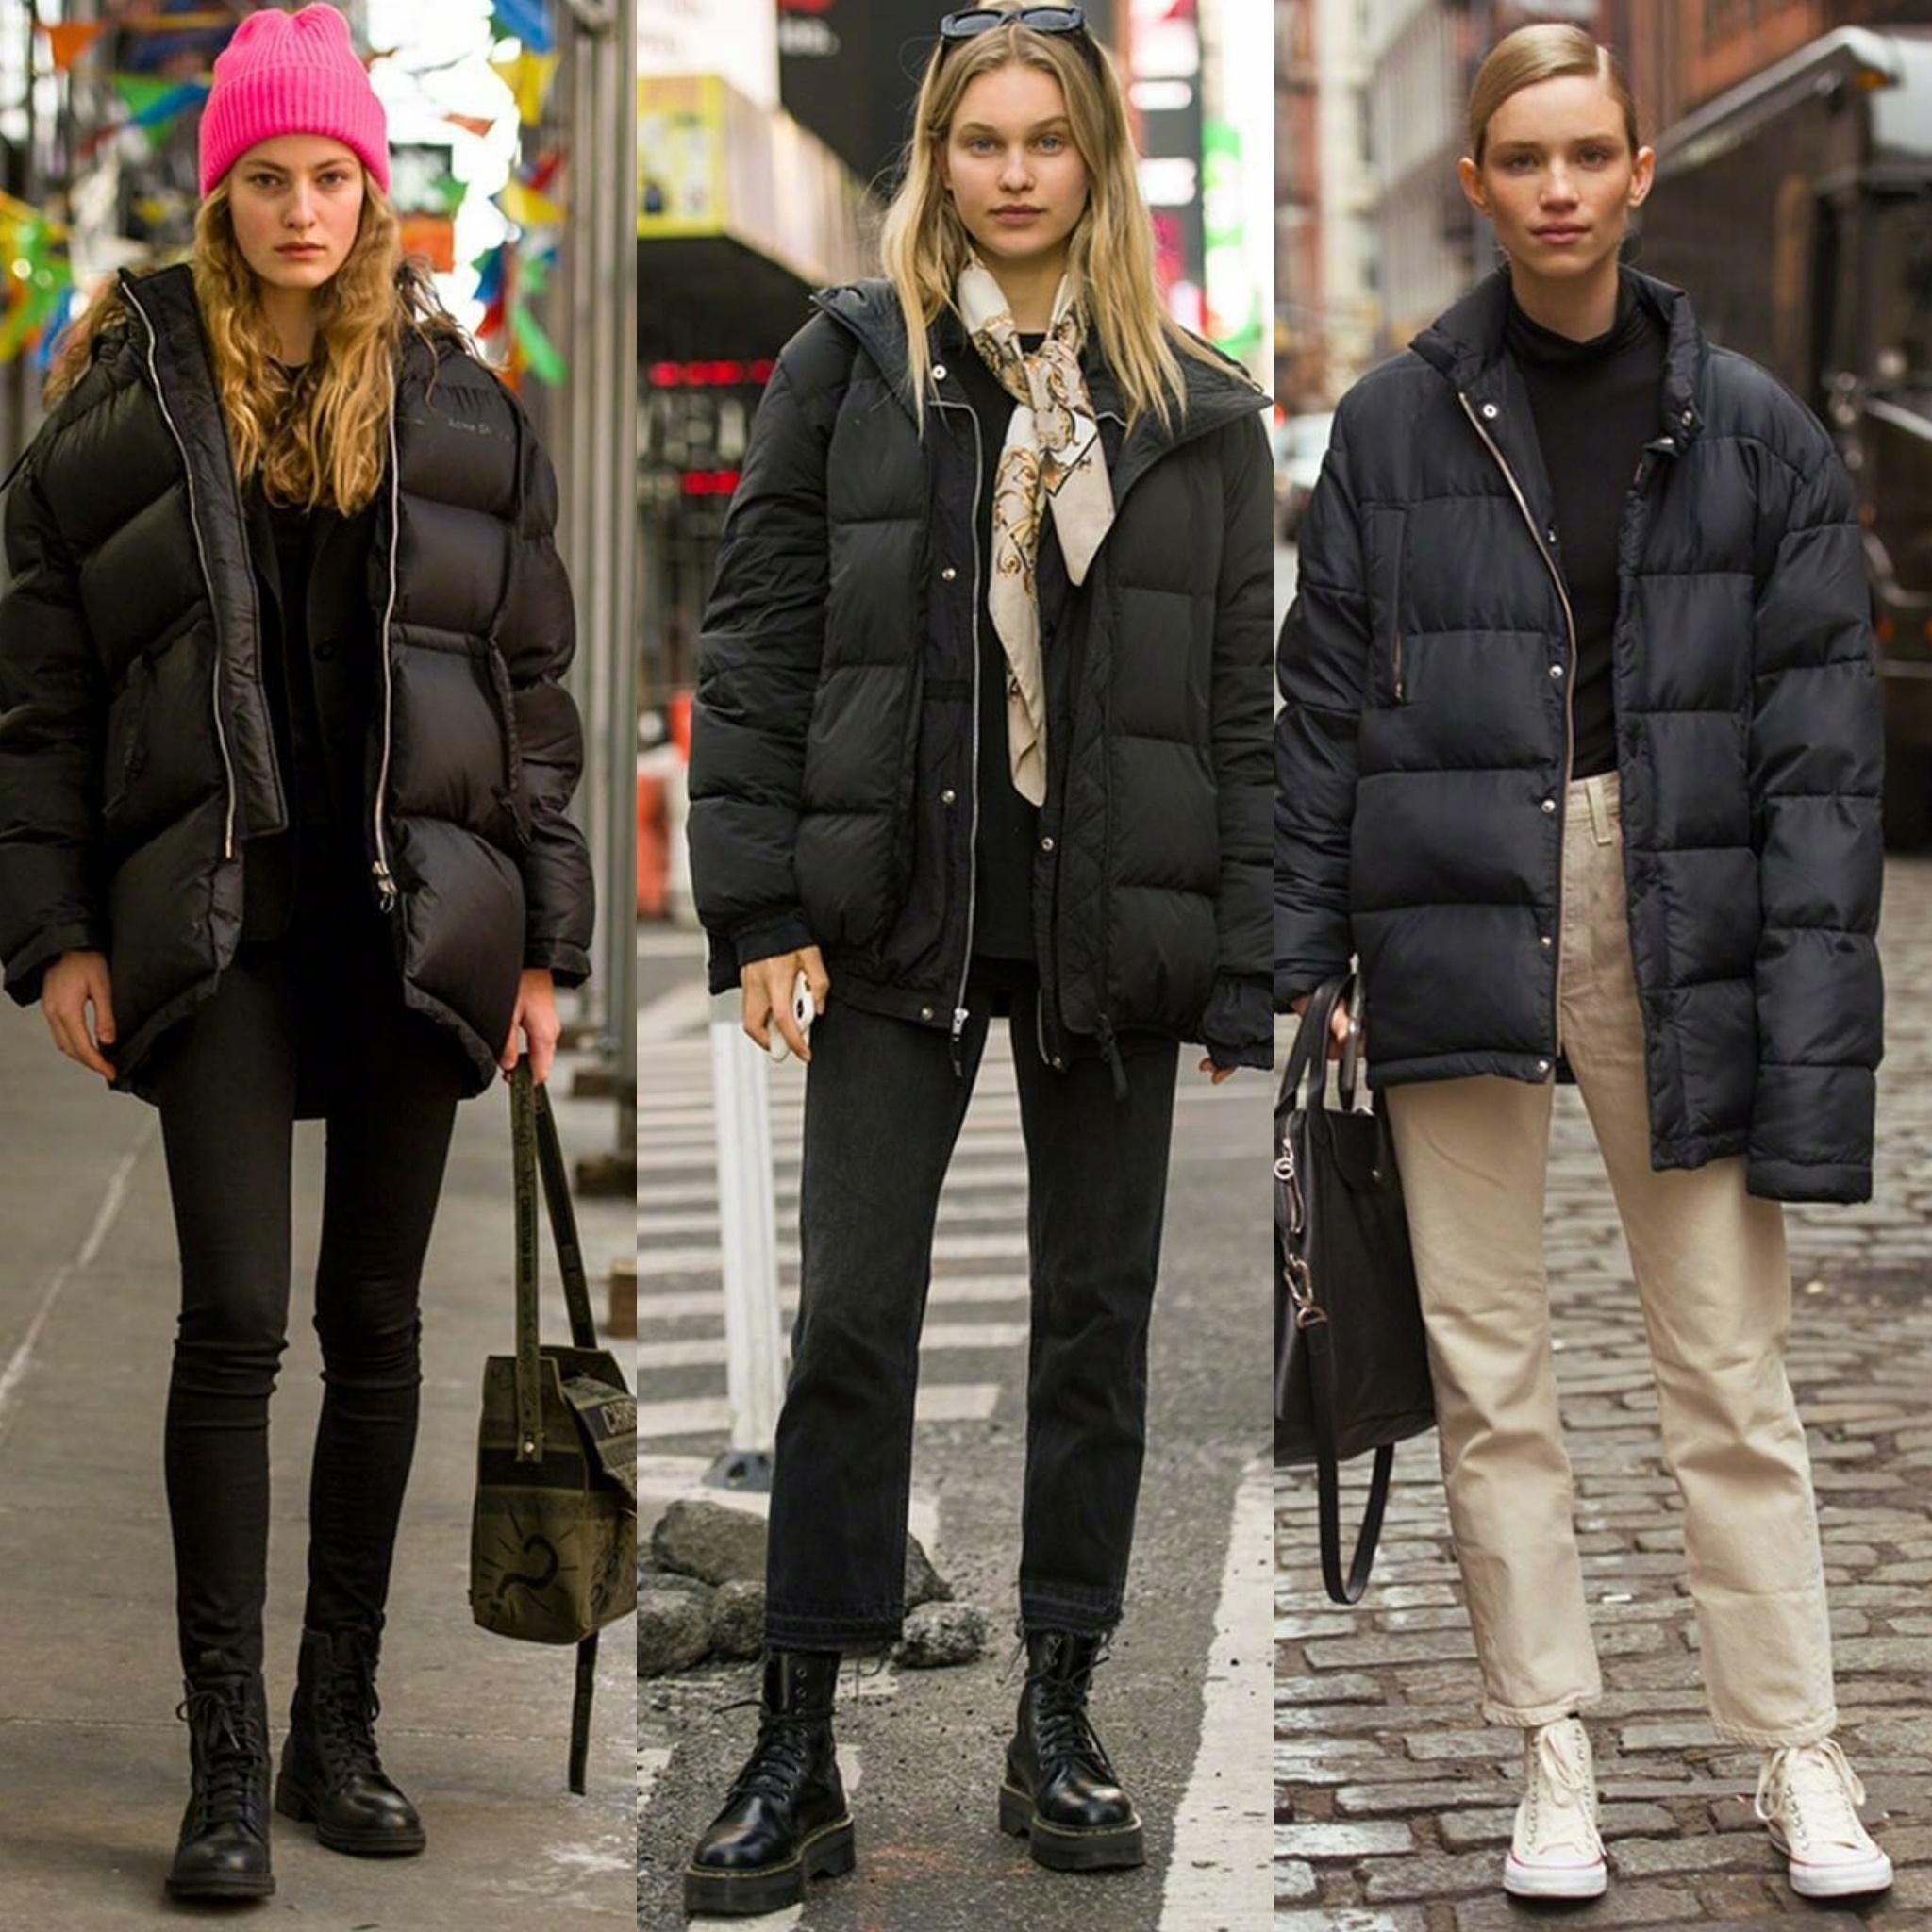 """看欧美女生的时尚街拍,""""风度和温度""""缺一不可,没有滤镜照样美"""